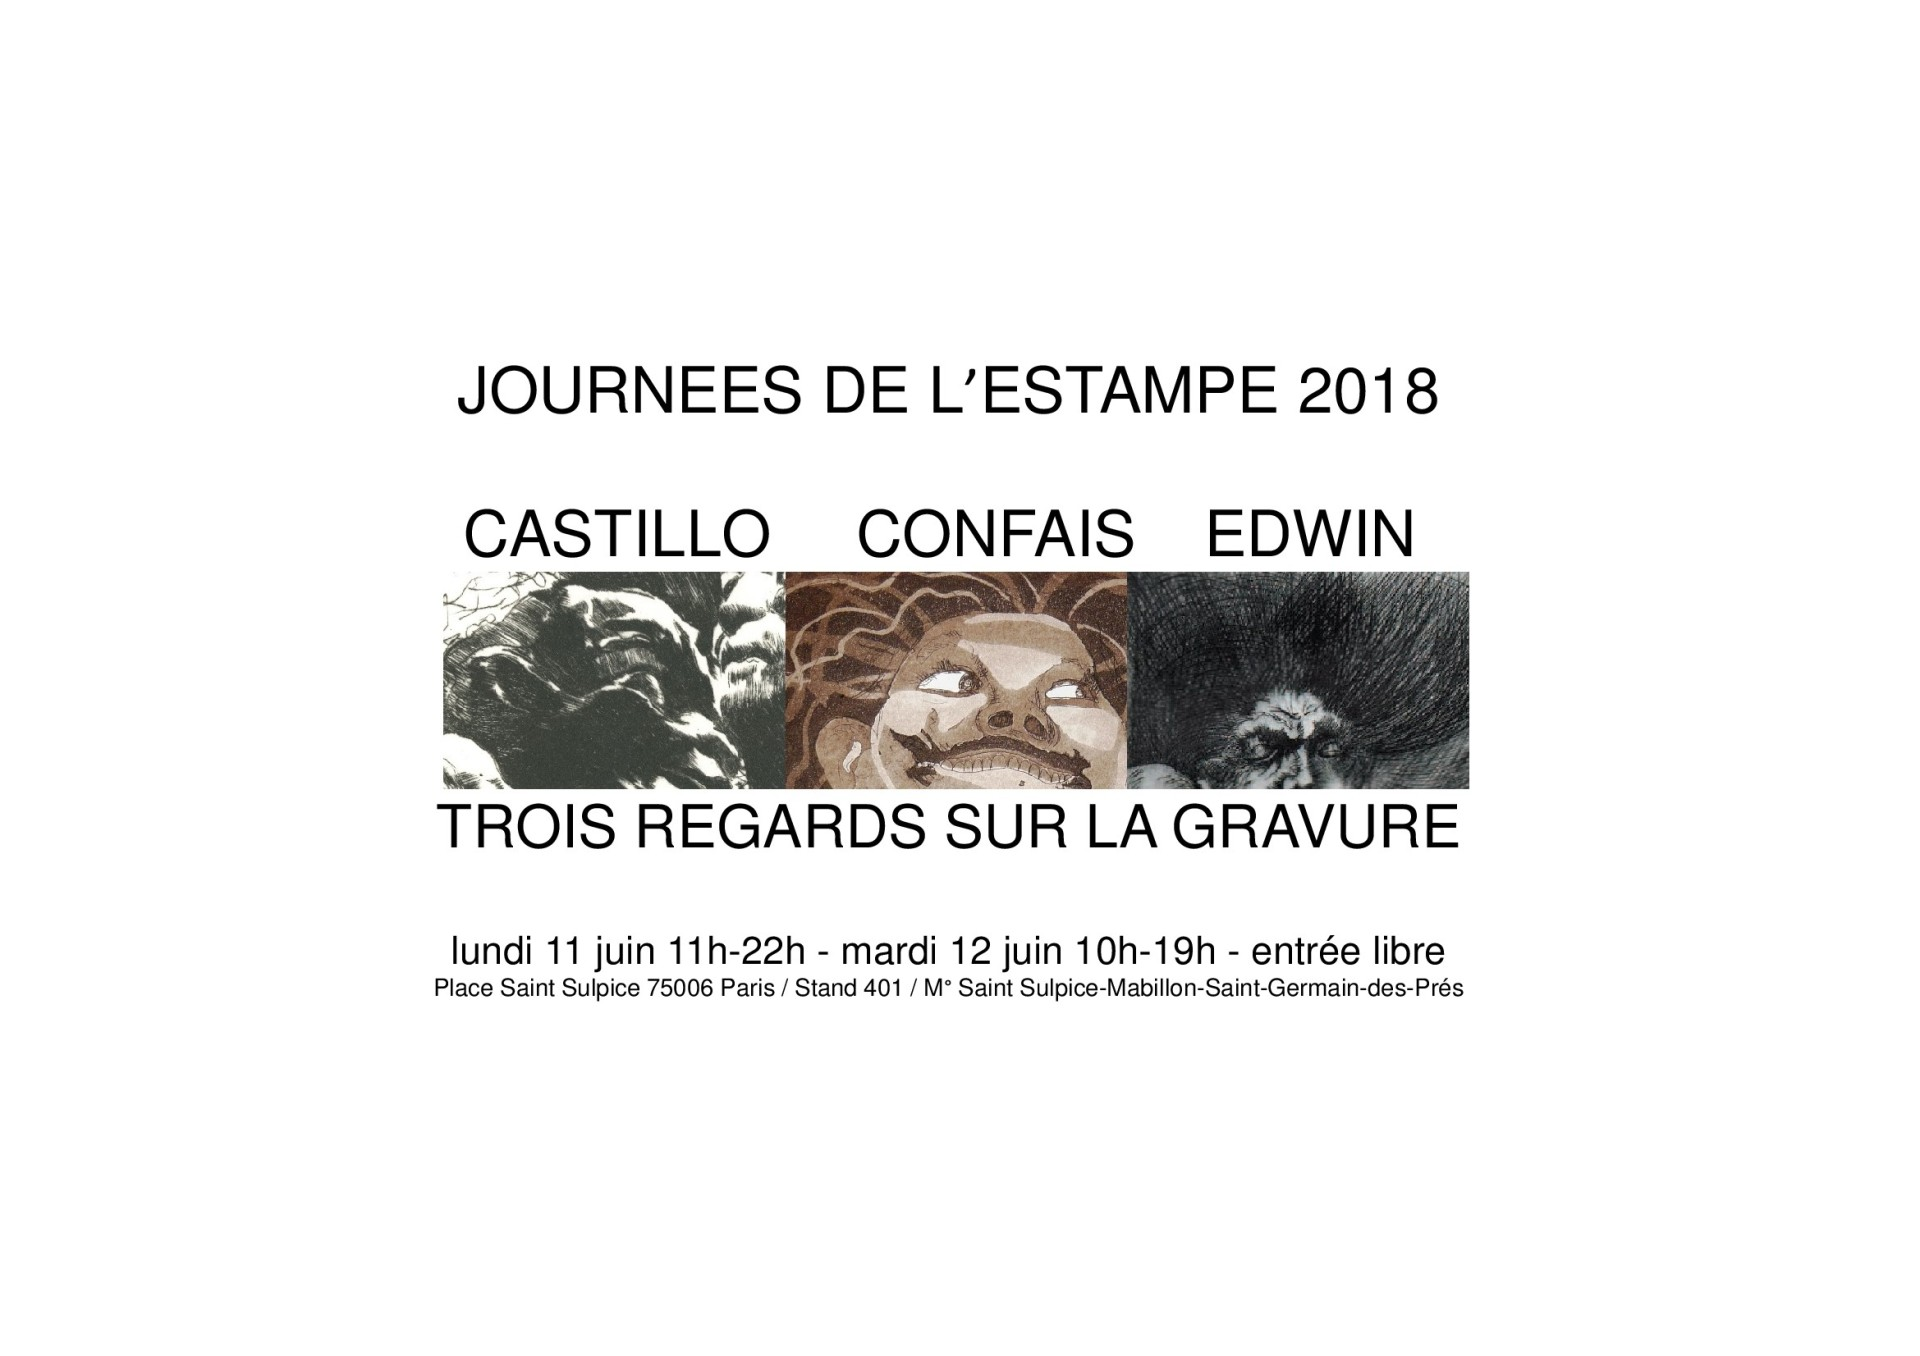 Journées de l'Estampe 2018 Castillo Confais Edwin Place Saint Sulpice 76006 Paris Stand 401 Lundi 11 juin 11h-22h Mardi 12 juin 10h-19h